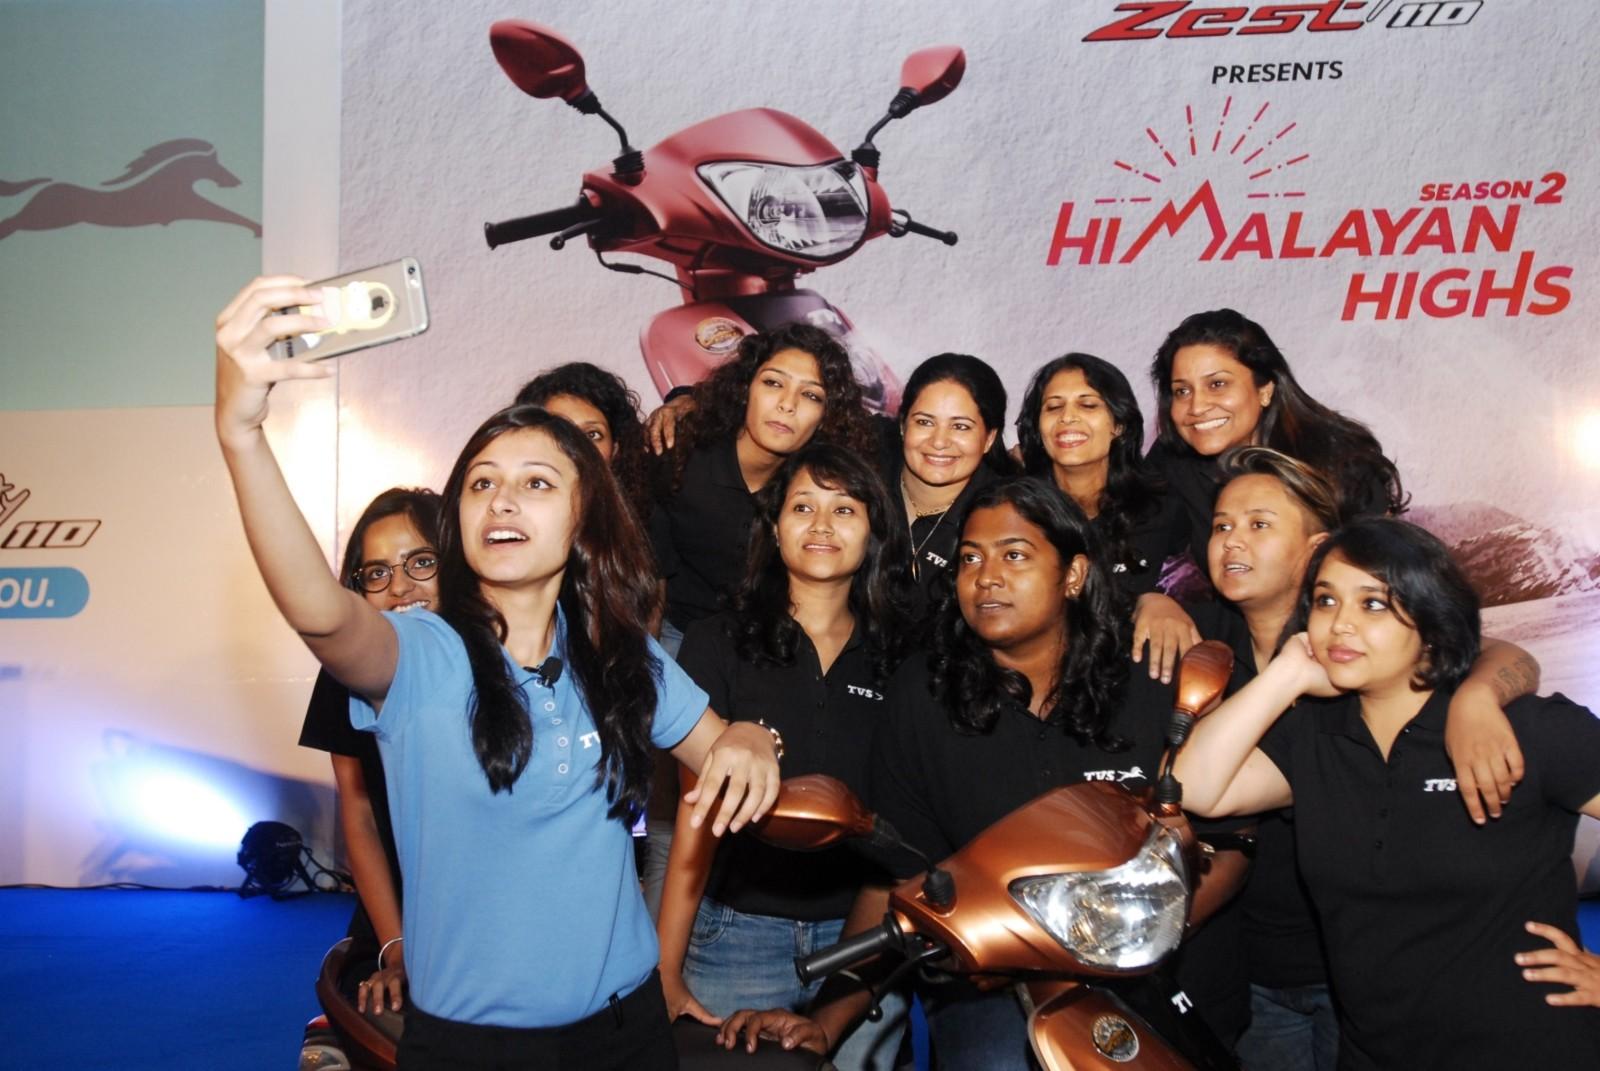 TVS - Himalayan High - Season 2 (2)